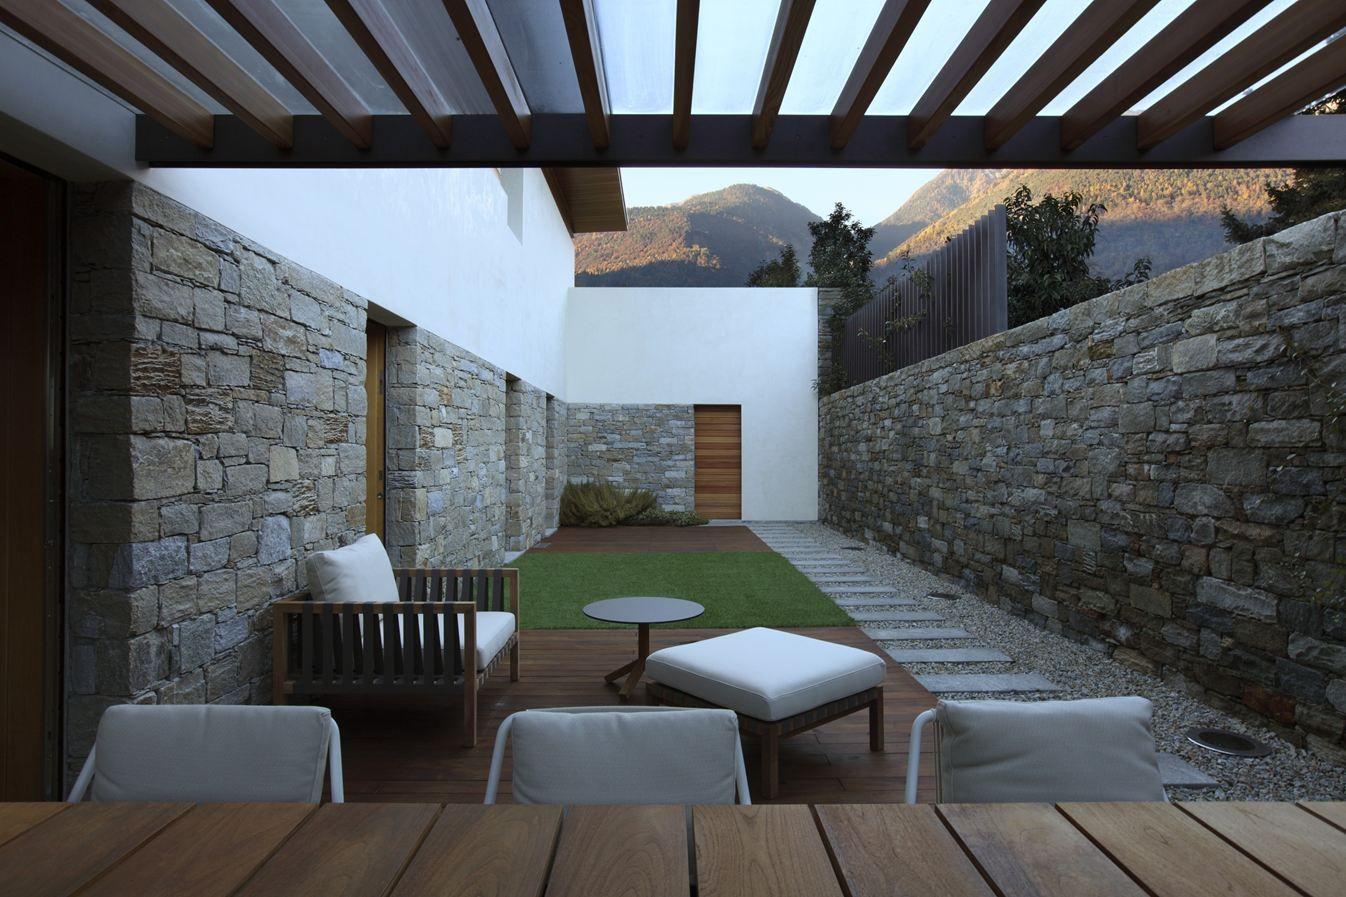 Casa Unifamiliare @ Postalesio, Italy - 2012 _ LFL architetti